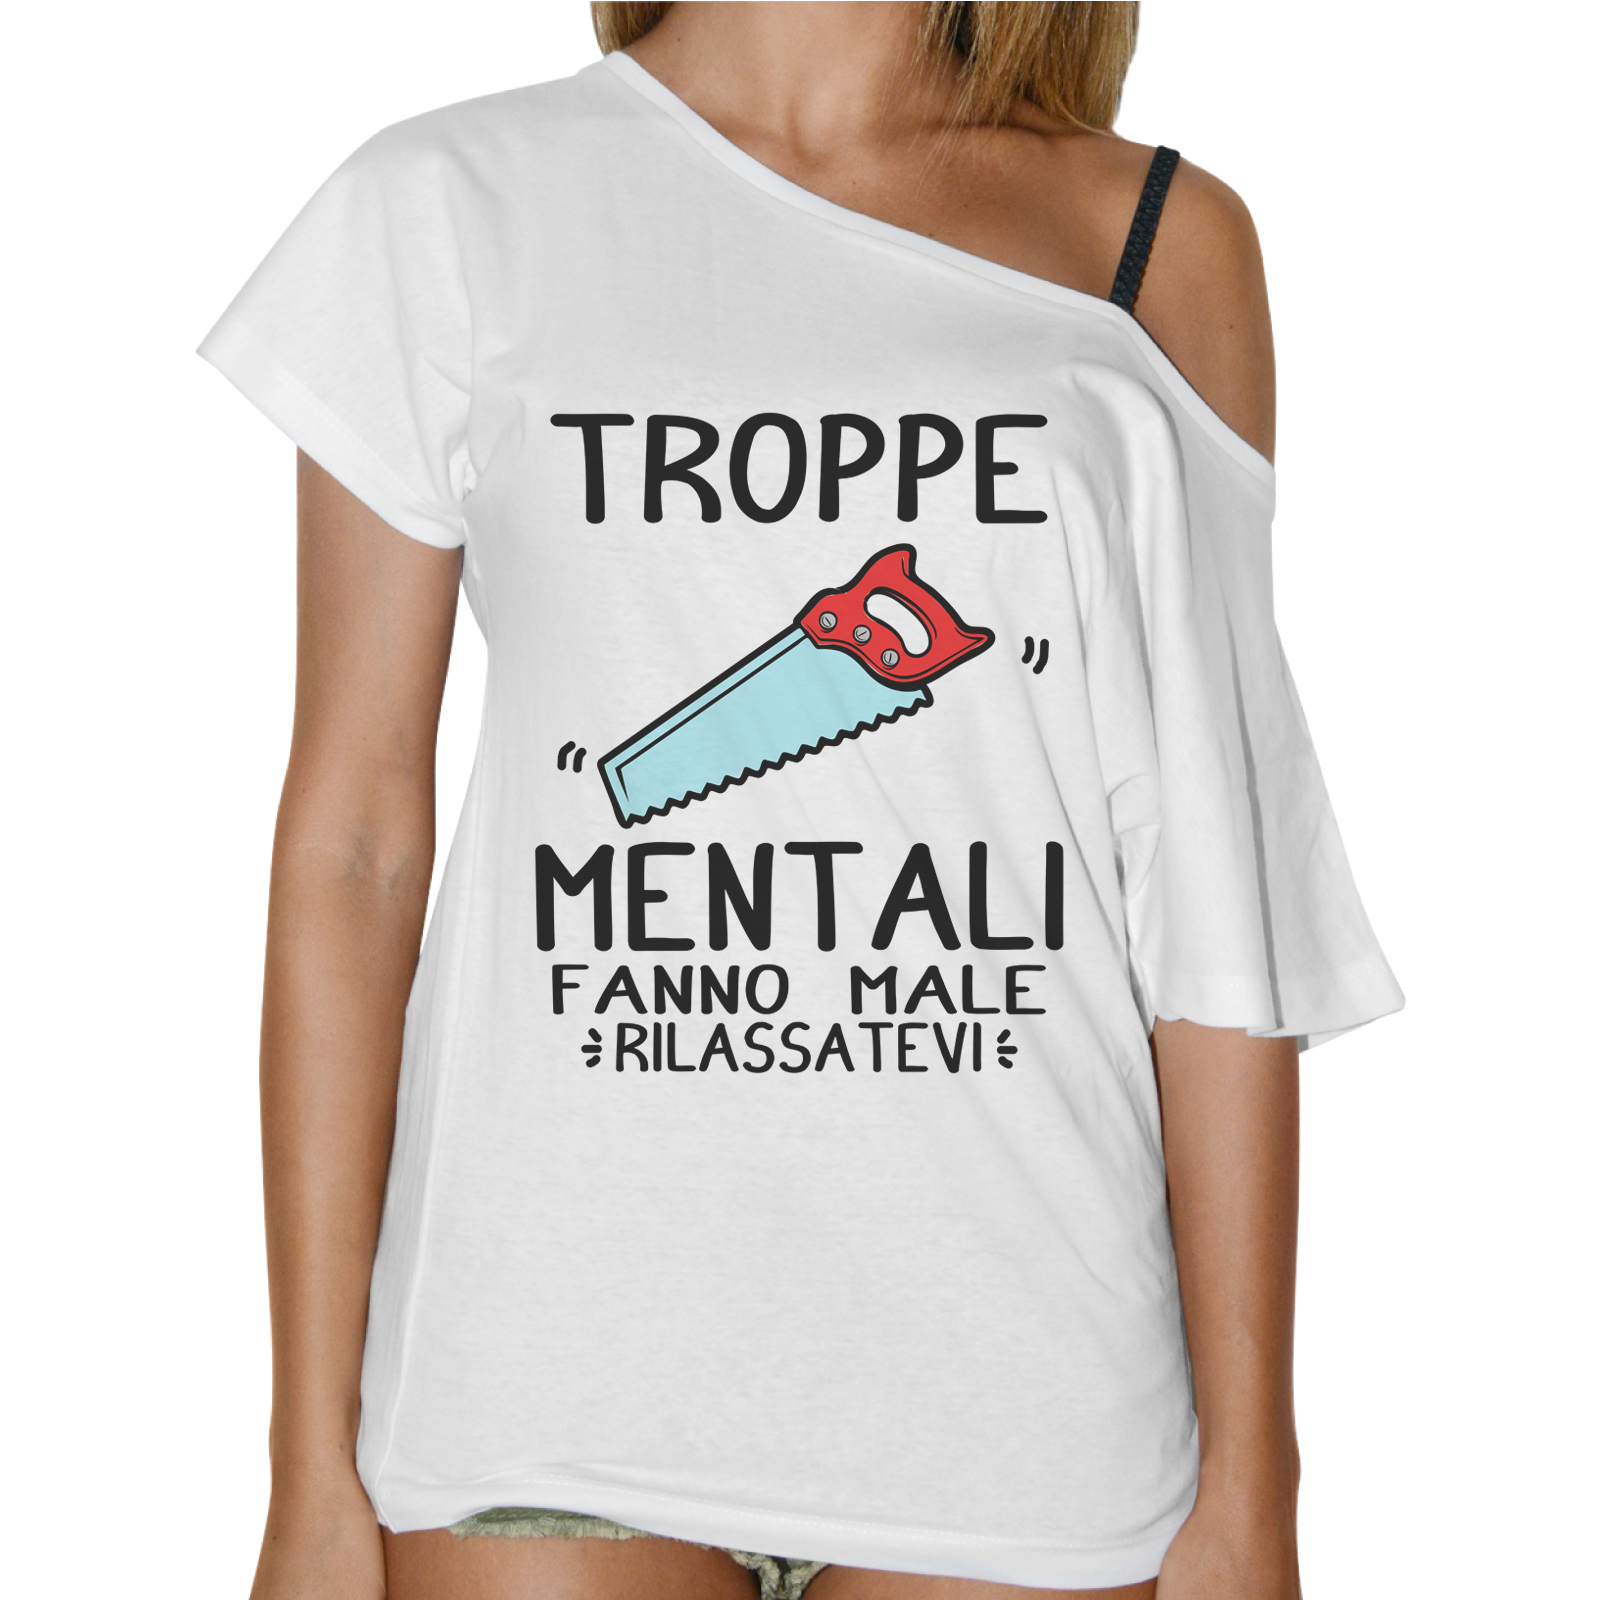 T-Shirt Donna Collo Barca TROPPE SEGHE MENTALI